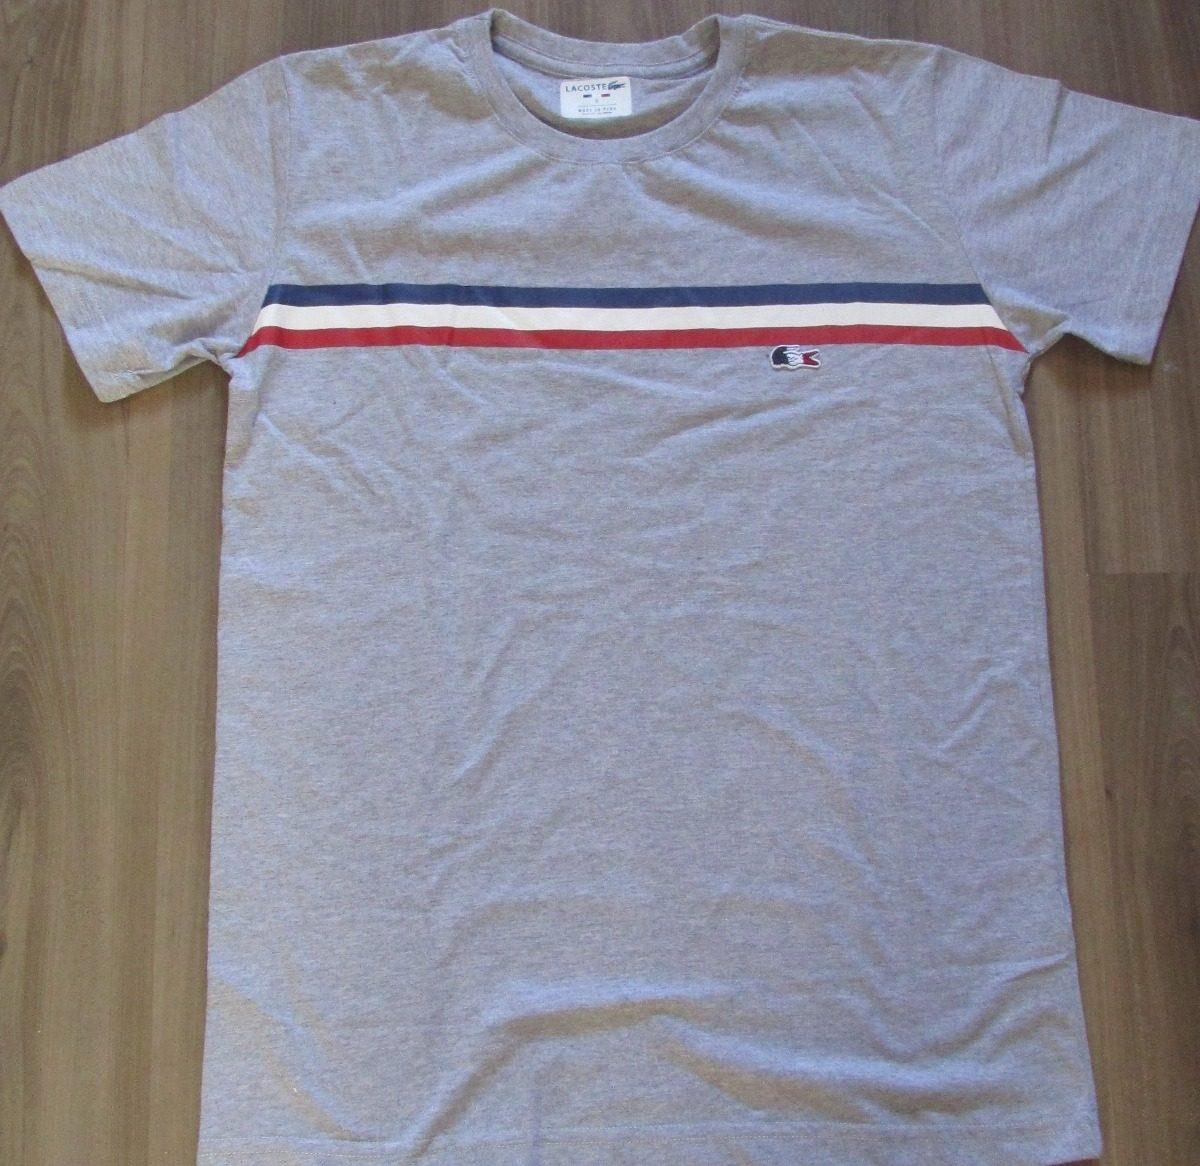 Camiseta Lacoste Live Original Peruana Promoção France - R  75,99 em ... a64c780895